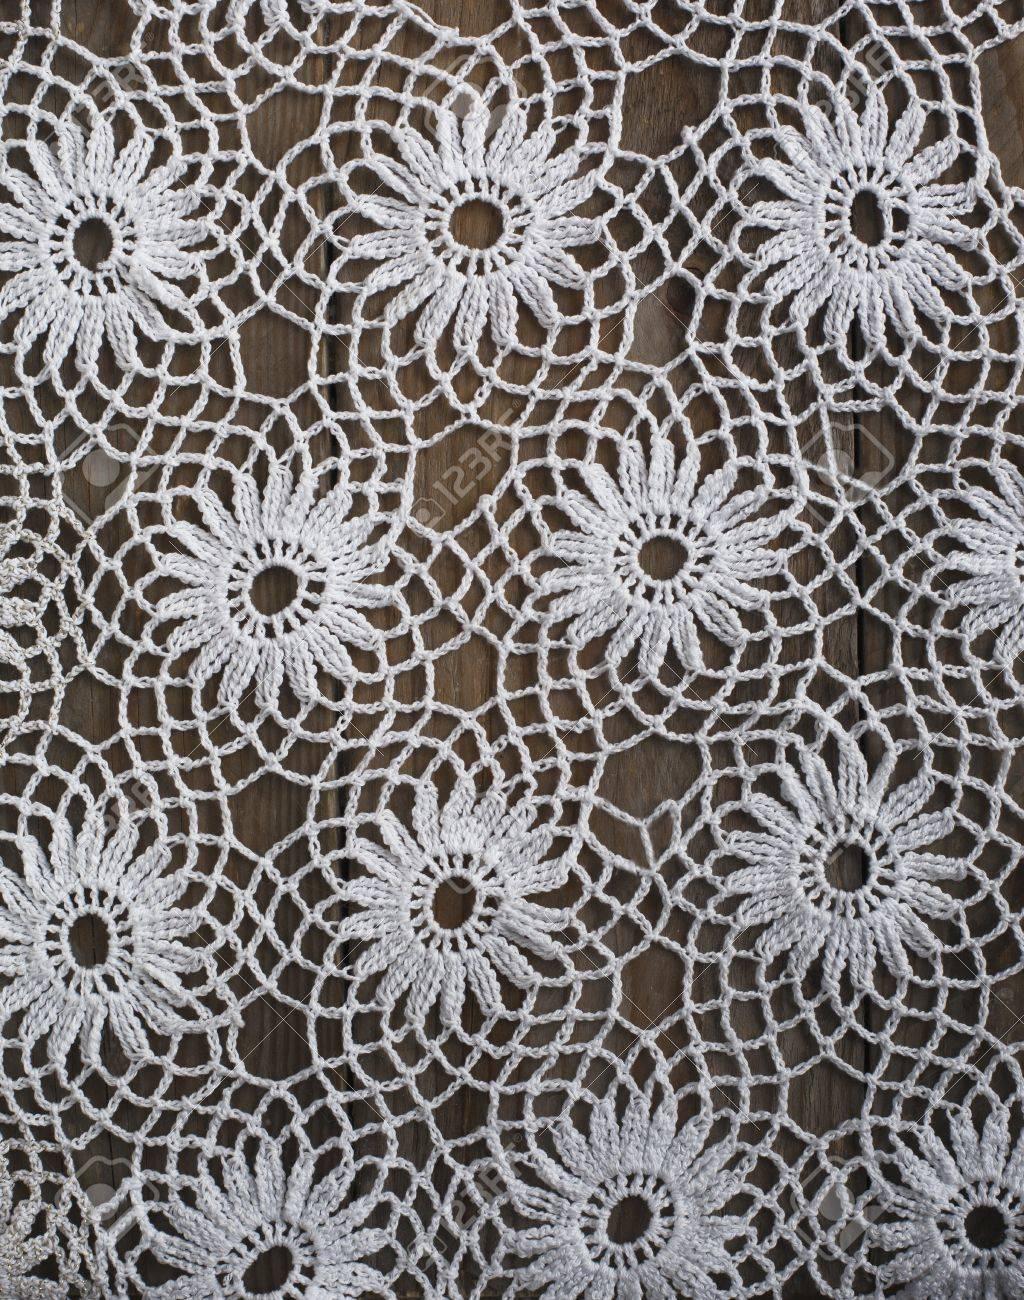 Handmade Häkeln Tischdecke Muster Lizenzfreie Fotos, Bilder Und ...